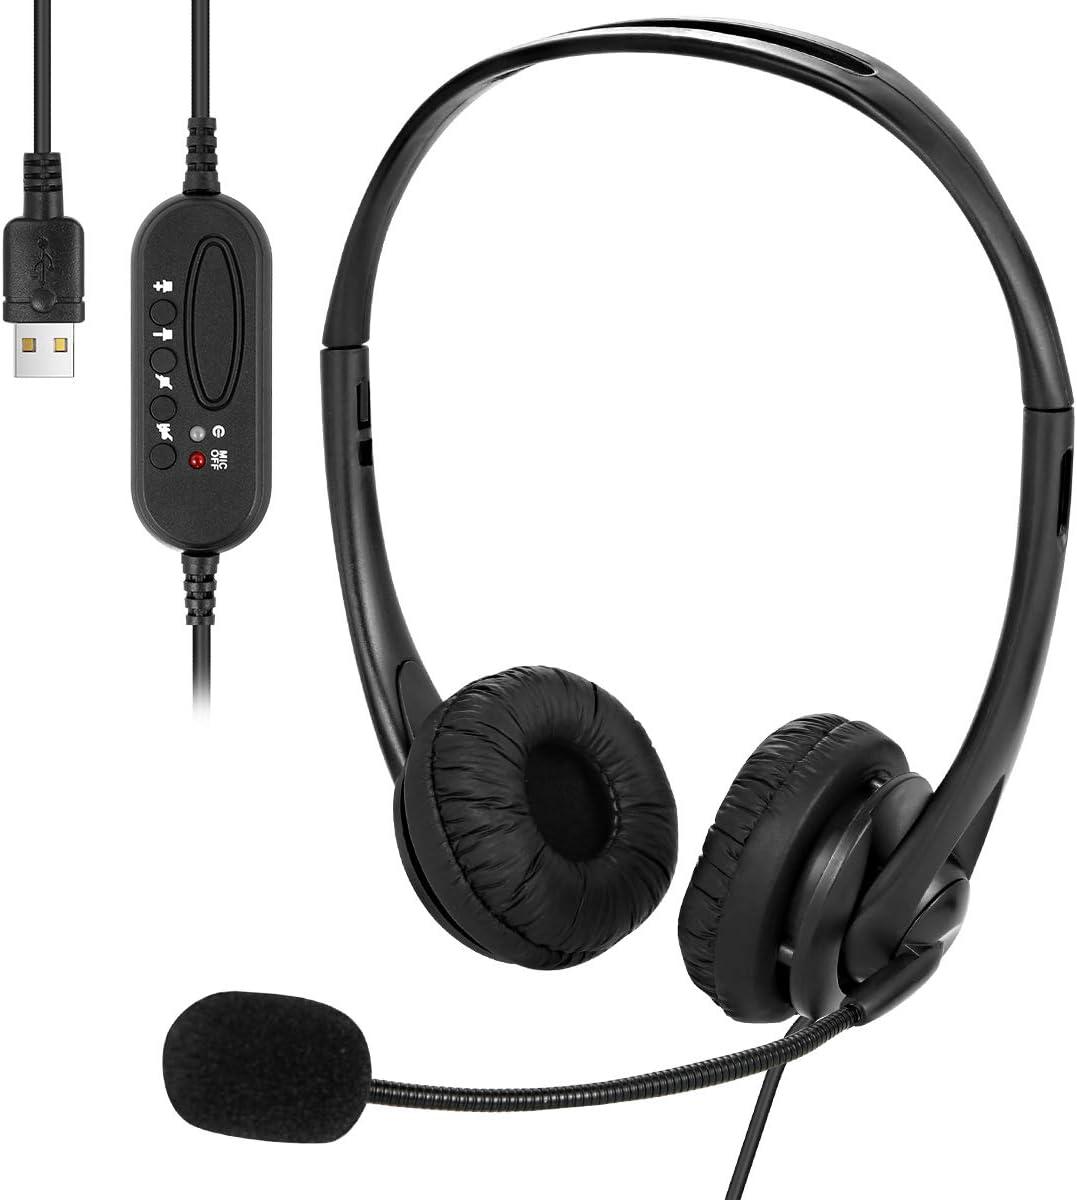 Cuffia Auricolare con Filo USB Cuffia Auricolare con Microfono per Nascondere Il Rumore Migliore per Telefono con Filo Desktop Portatile